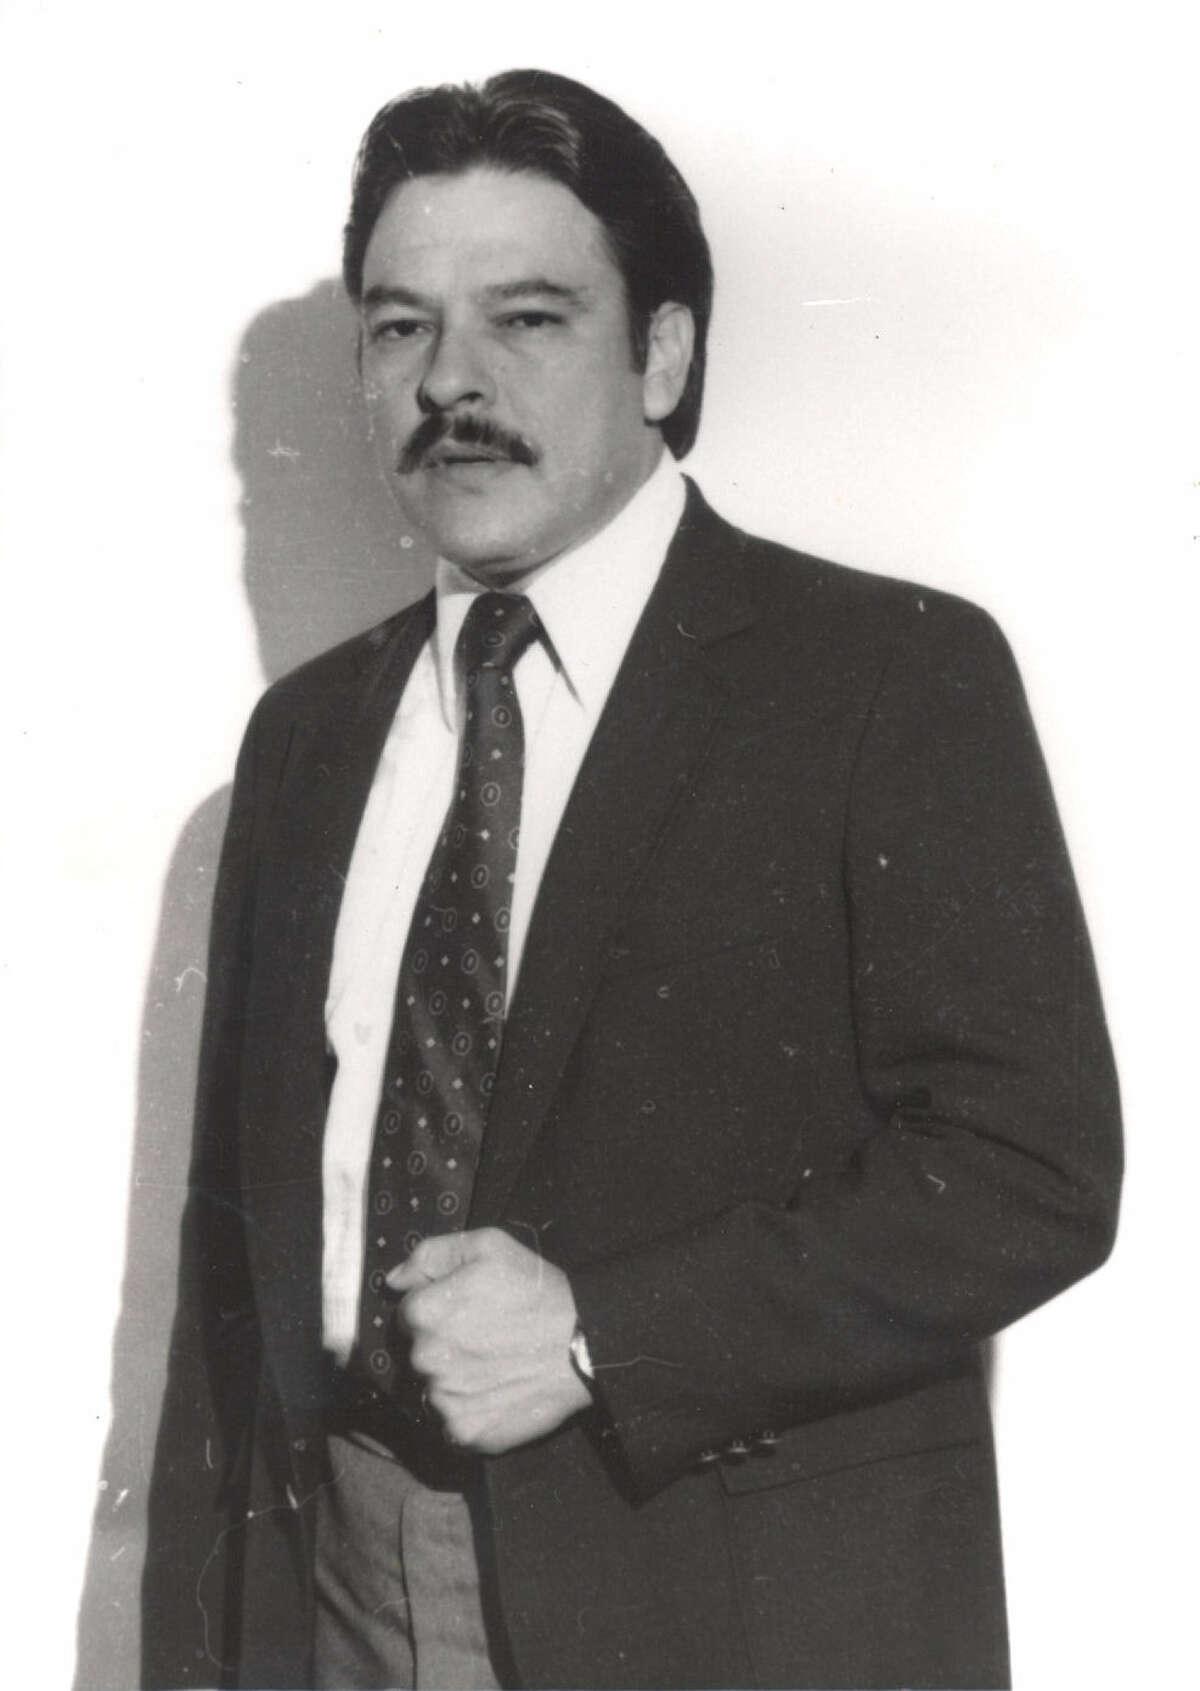 Voting rights advocate William C.